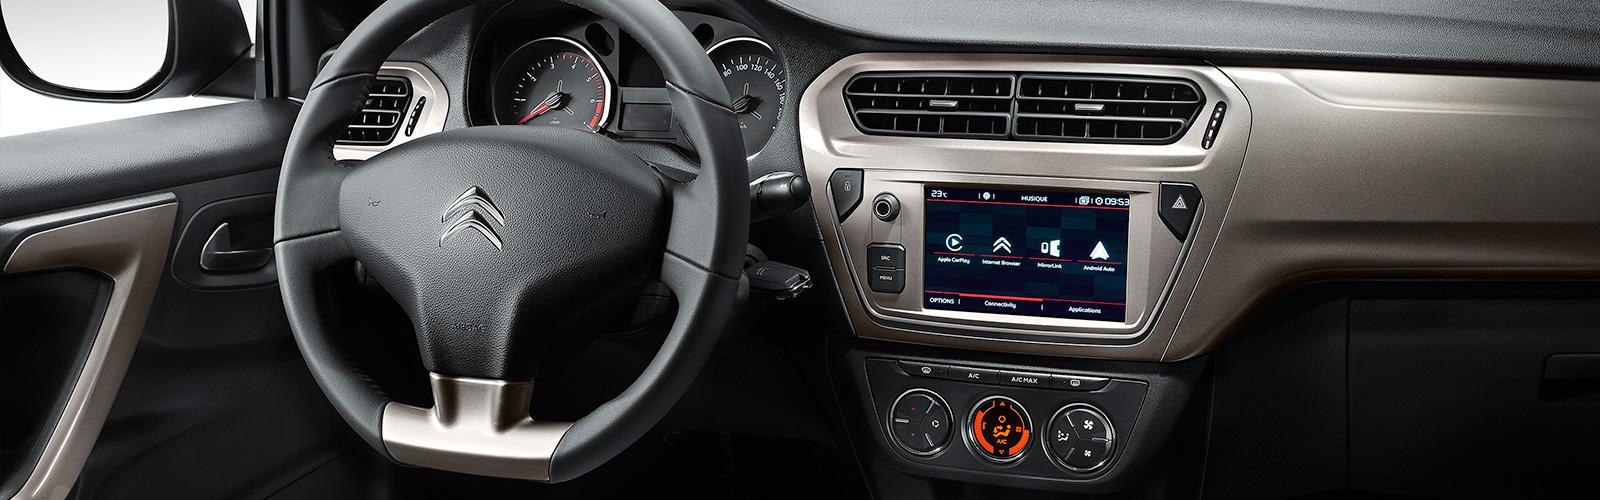 El interior del Citroën C-Elysée es simple pero muy espacioso